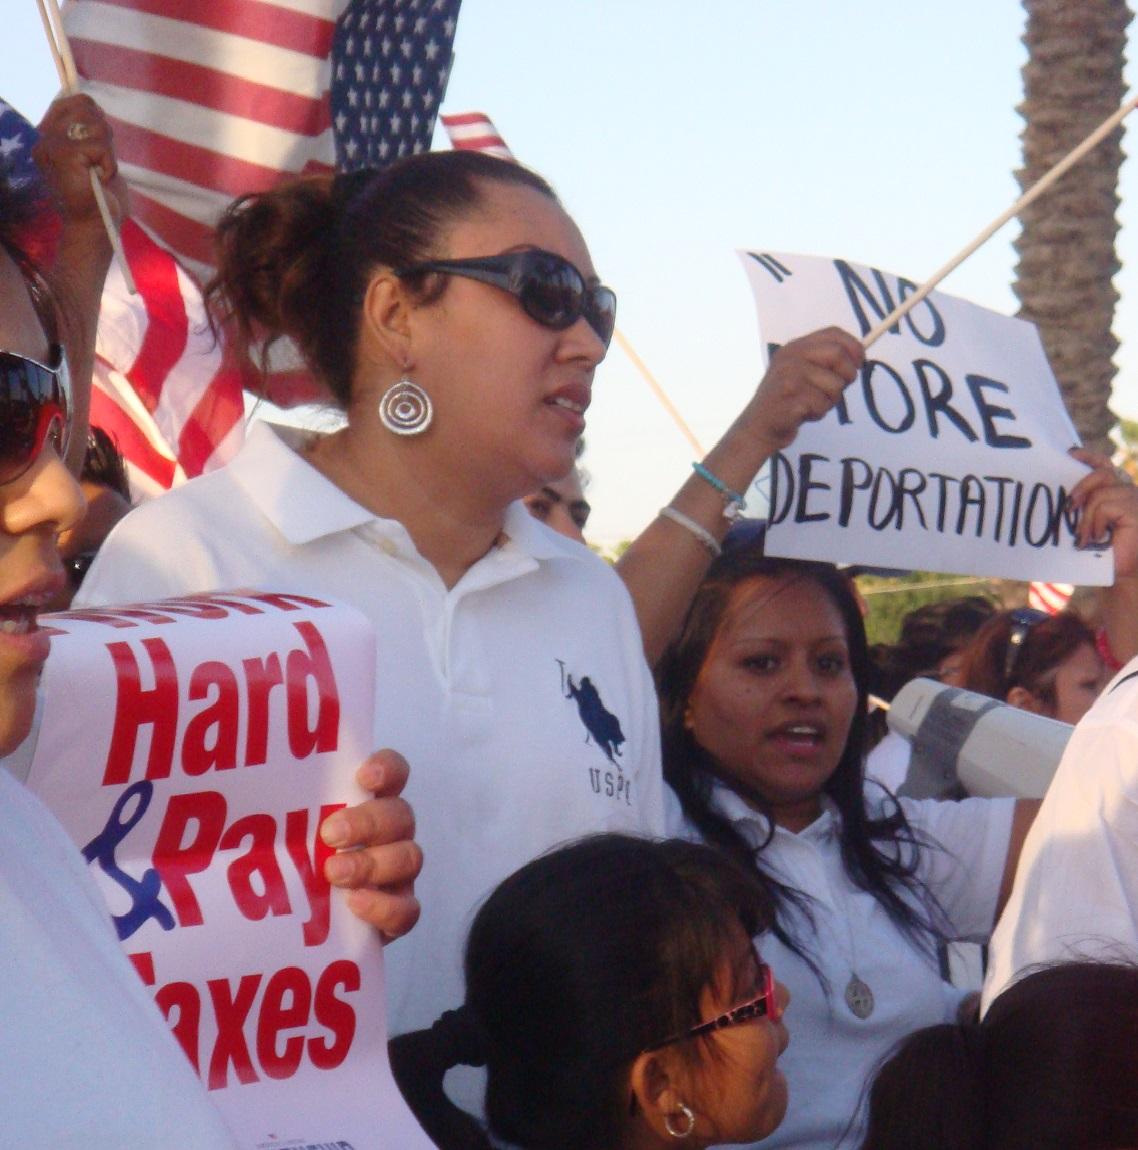 Deportation deferral